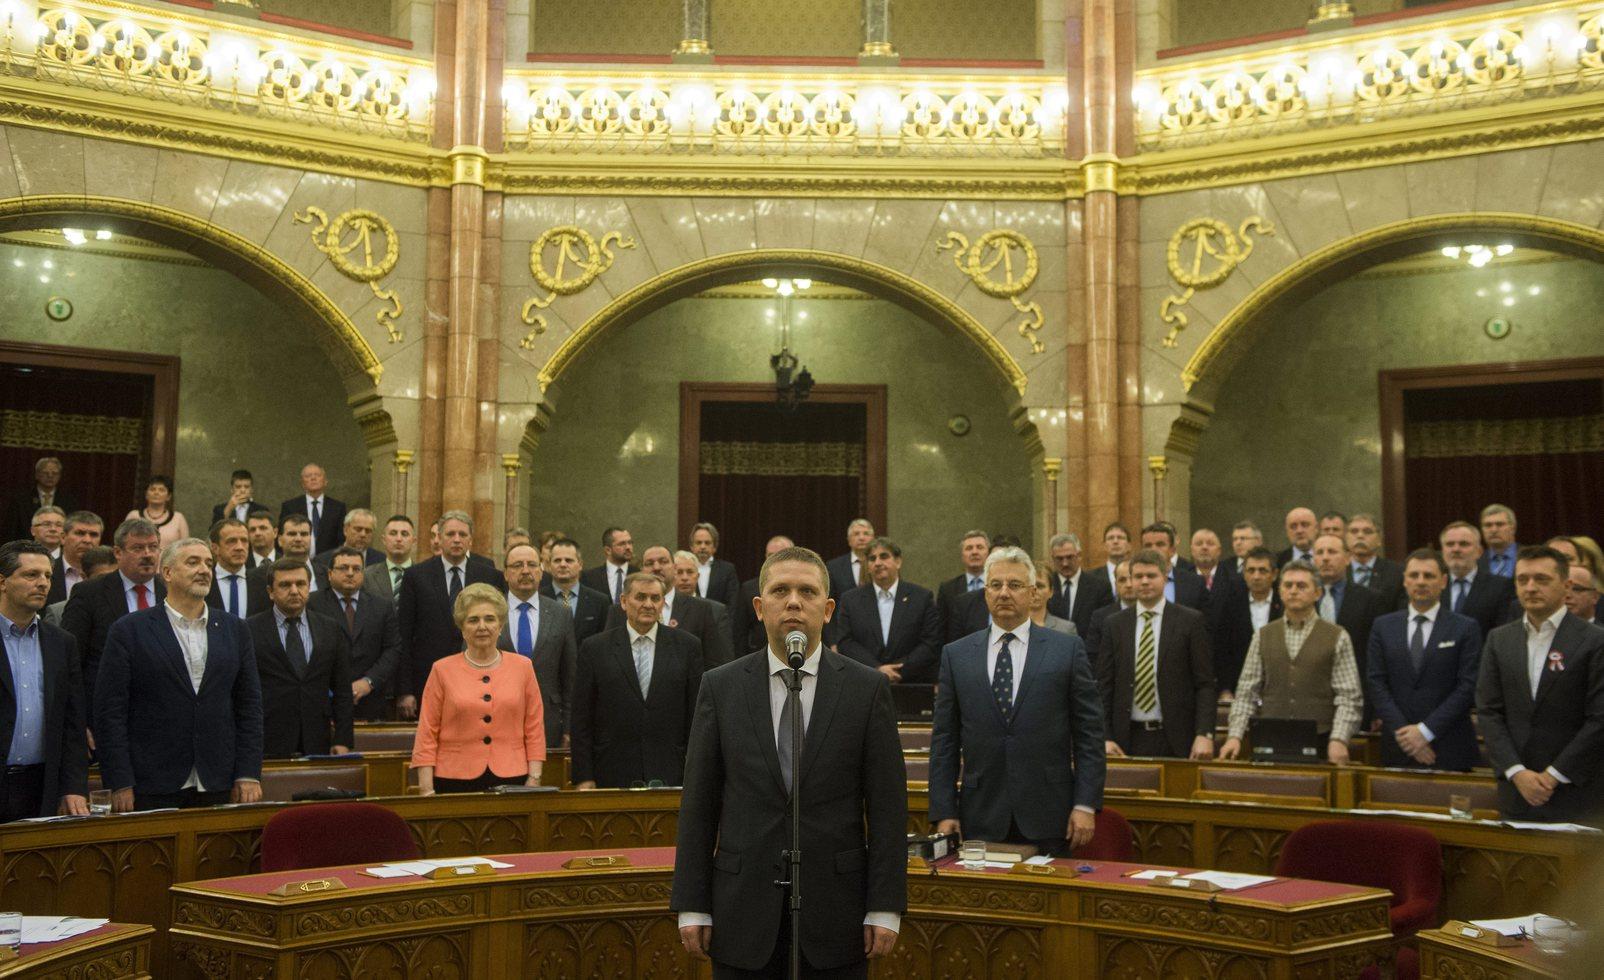 Kész Zoltán független képviselő leteszi esküjét az Országgyűlés plenáris ülésén 2015. március 16-án. MTI Fotó: Illyés Tibor